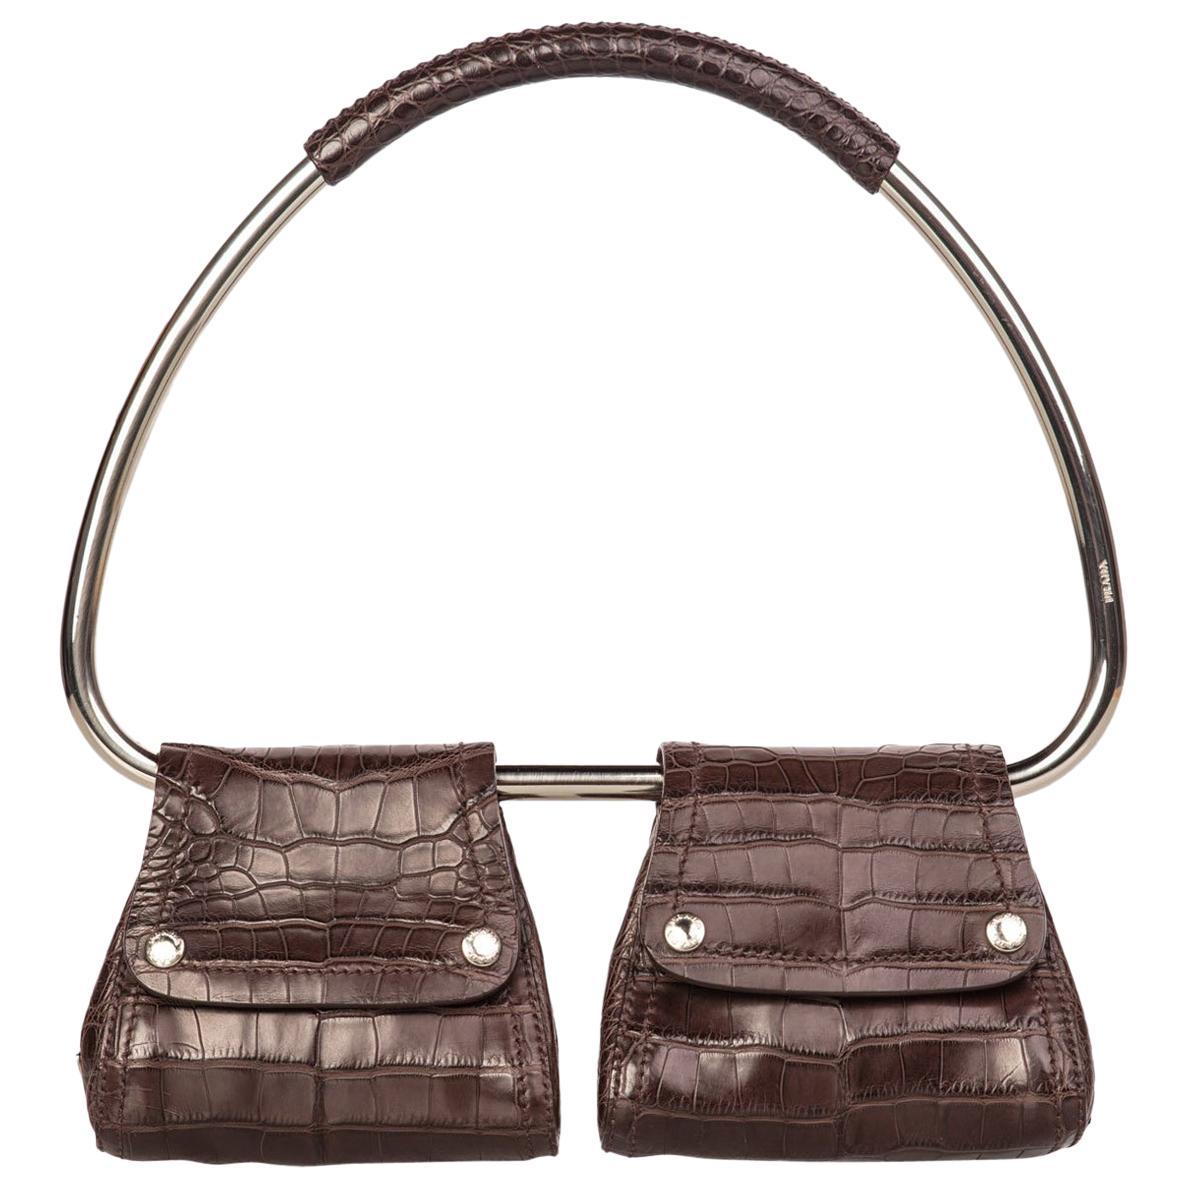 Prada Brown Alligator Embossed Silver Hoop Bag, 2000